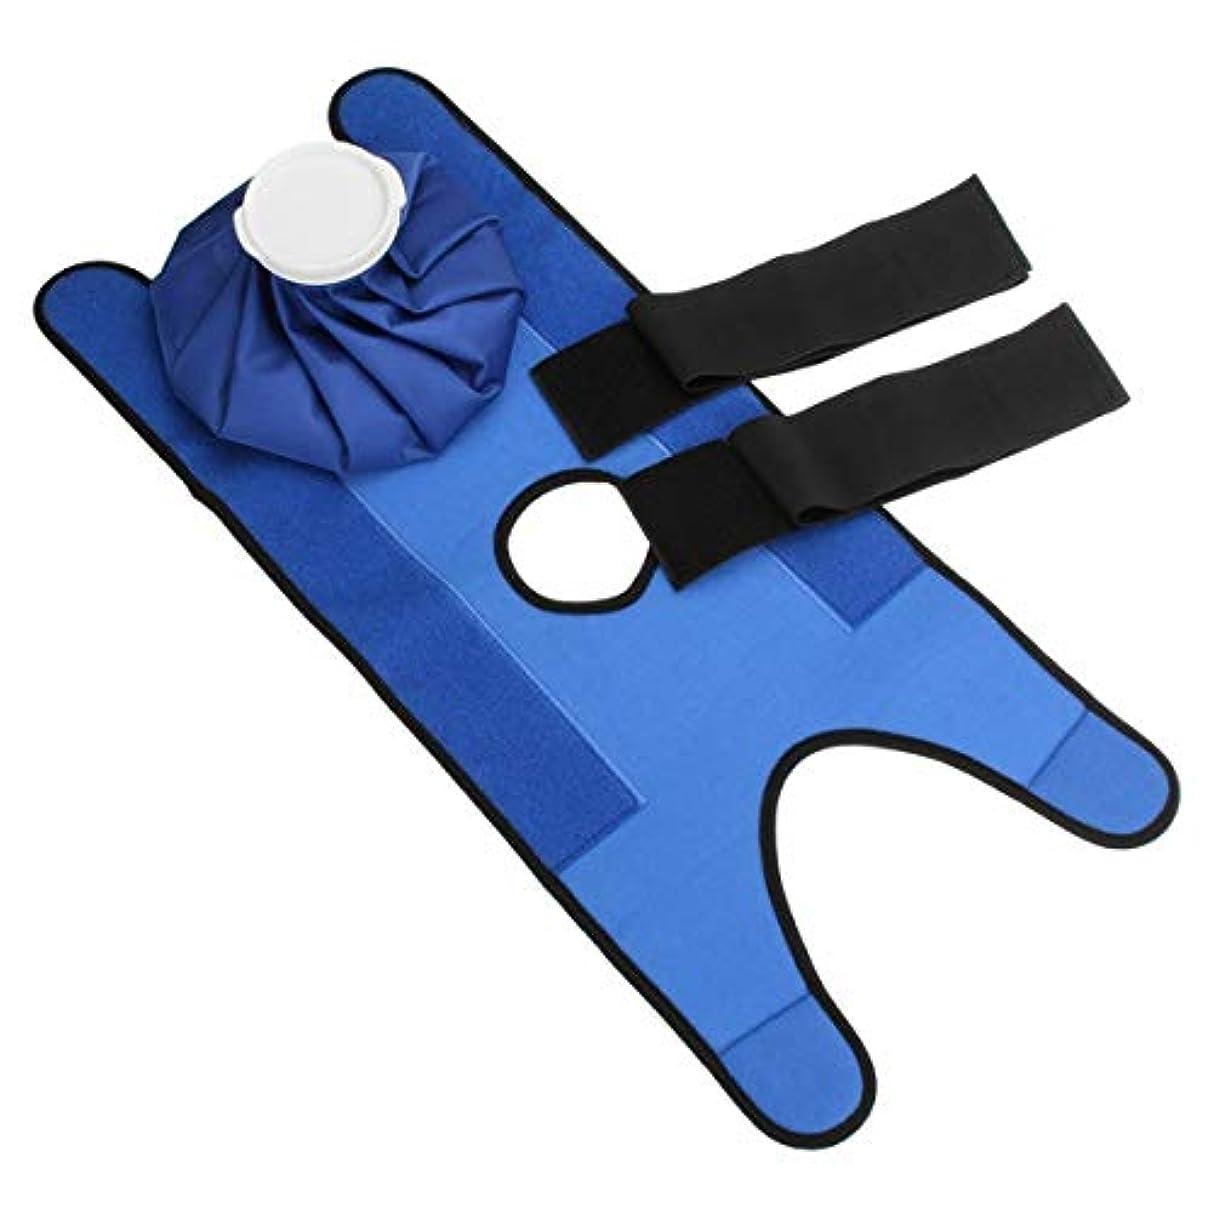 Blackfell 小型サイズの再使用可能なヘルスケアの膝の頭部の足の筋肉スポーツ傷害の軽減の痛みのアイスバッグ包帯が付いている無毒なアイスパック